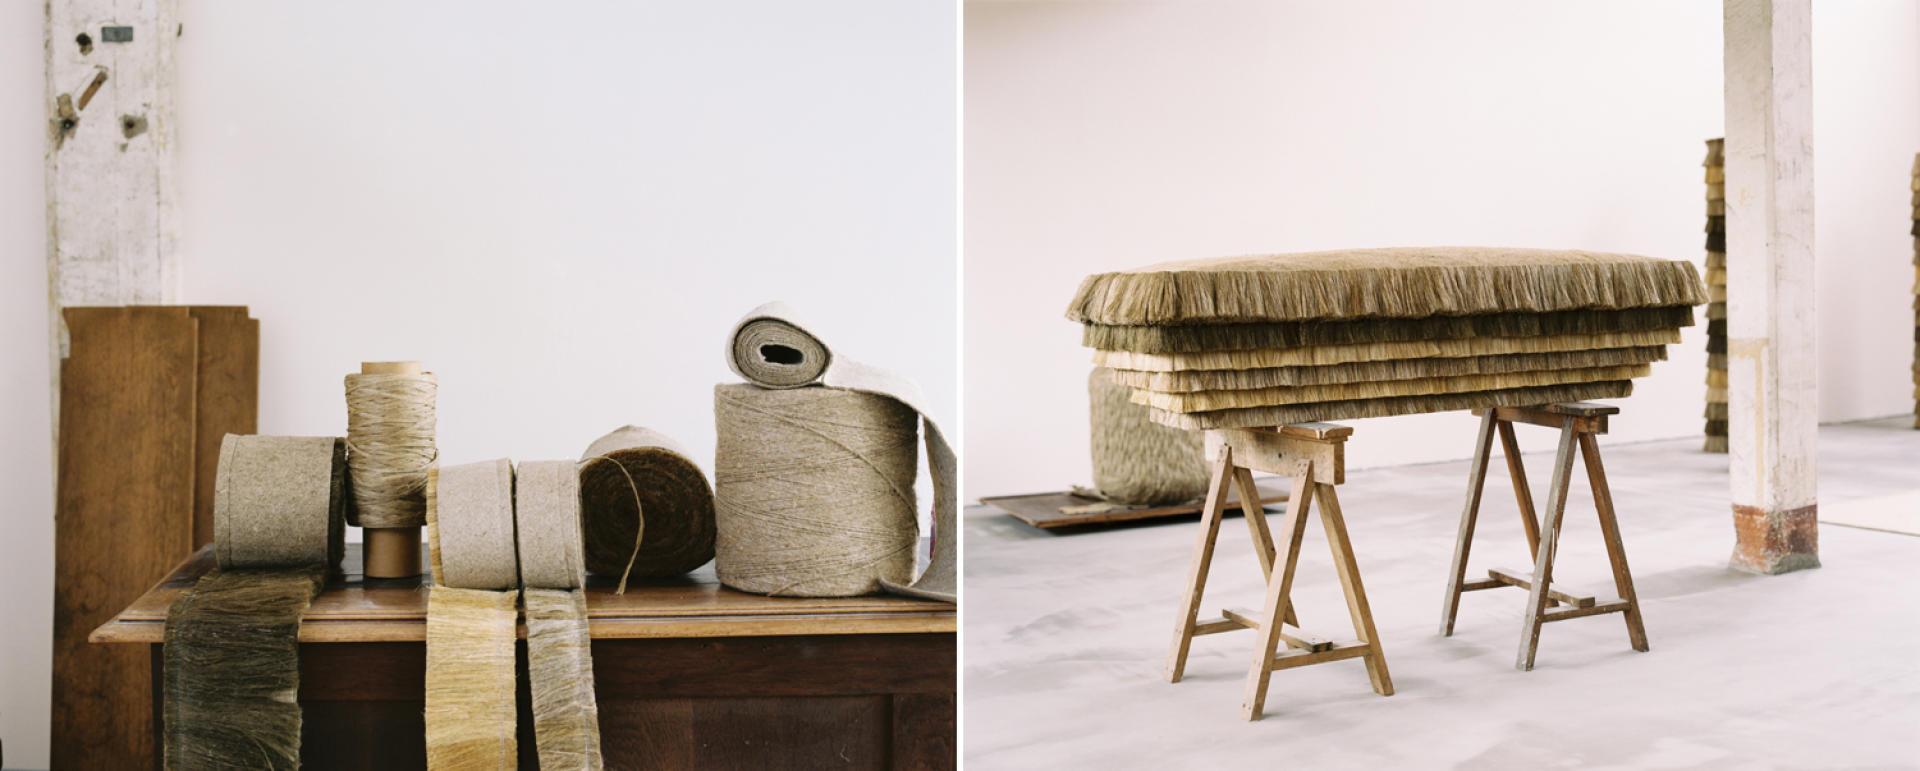 A gauche, en préparation pour la confection du banc et de la colonne, les fibres de lin teillé sont cousues en longs rubans. A droite, pour le long banc, une assise en feutre de lin et des franges « pagne » en lin teillé disposées en escalier.